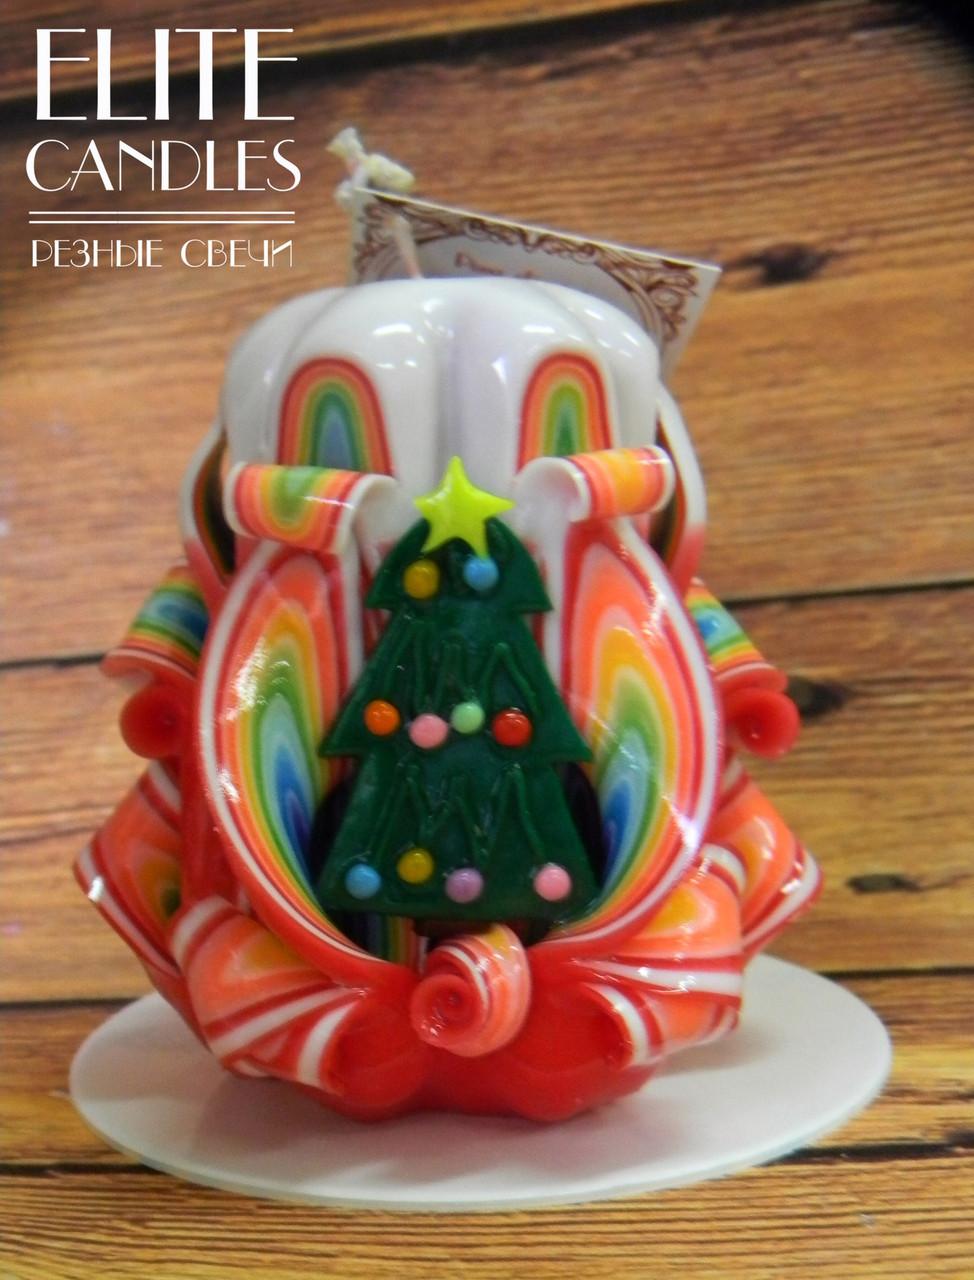 Новогодний подарок - резная свеча с ёлочкой, ручной работы, красиво горит и украшает интерьер